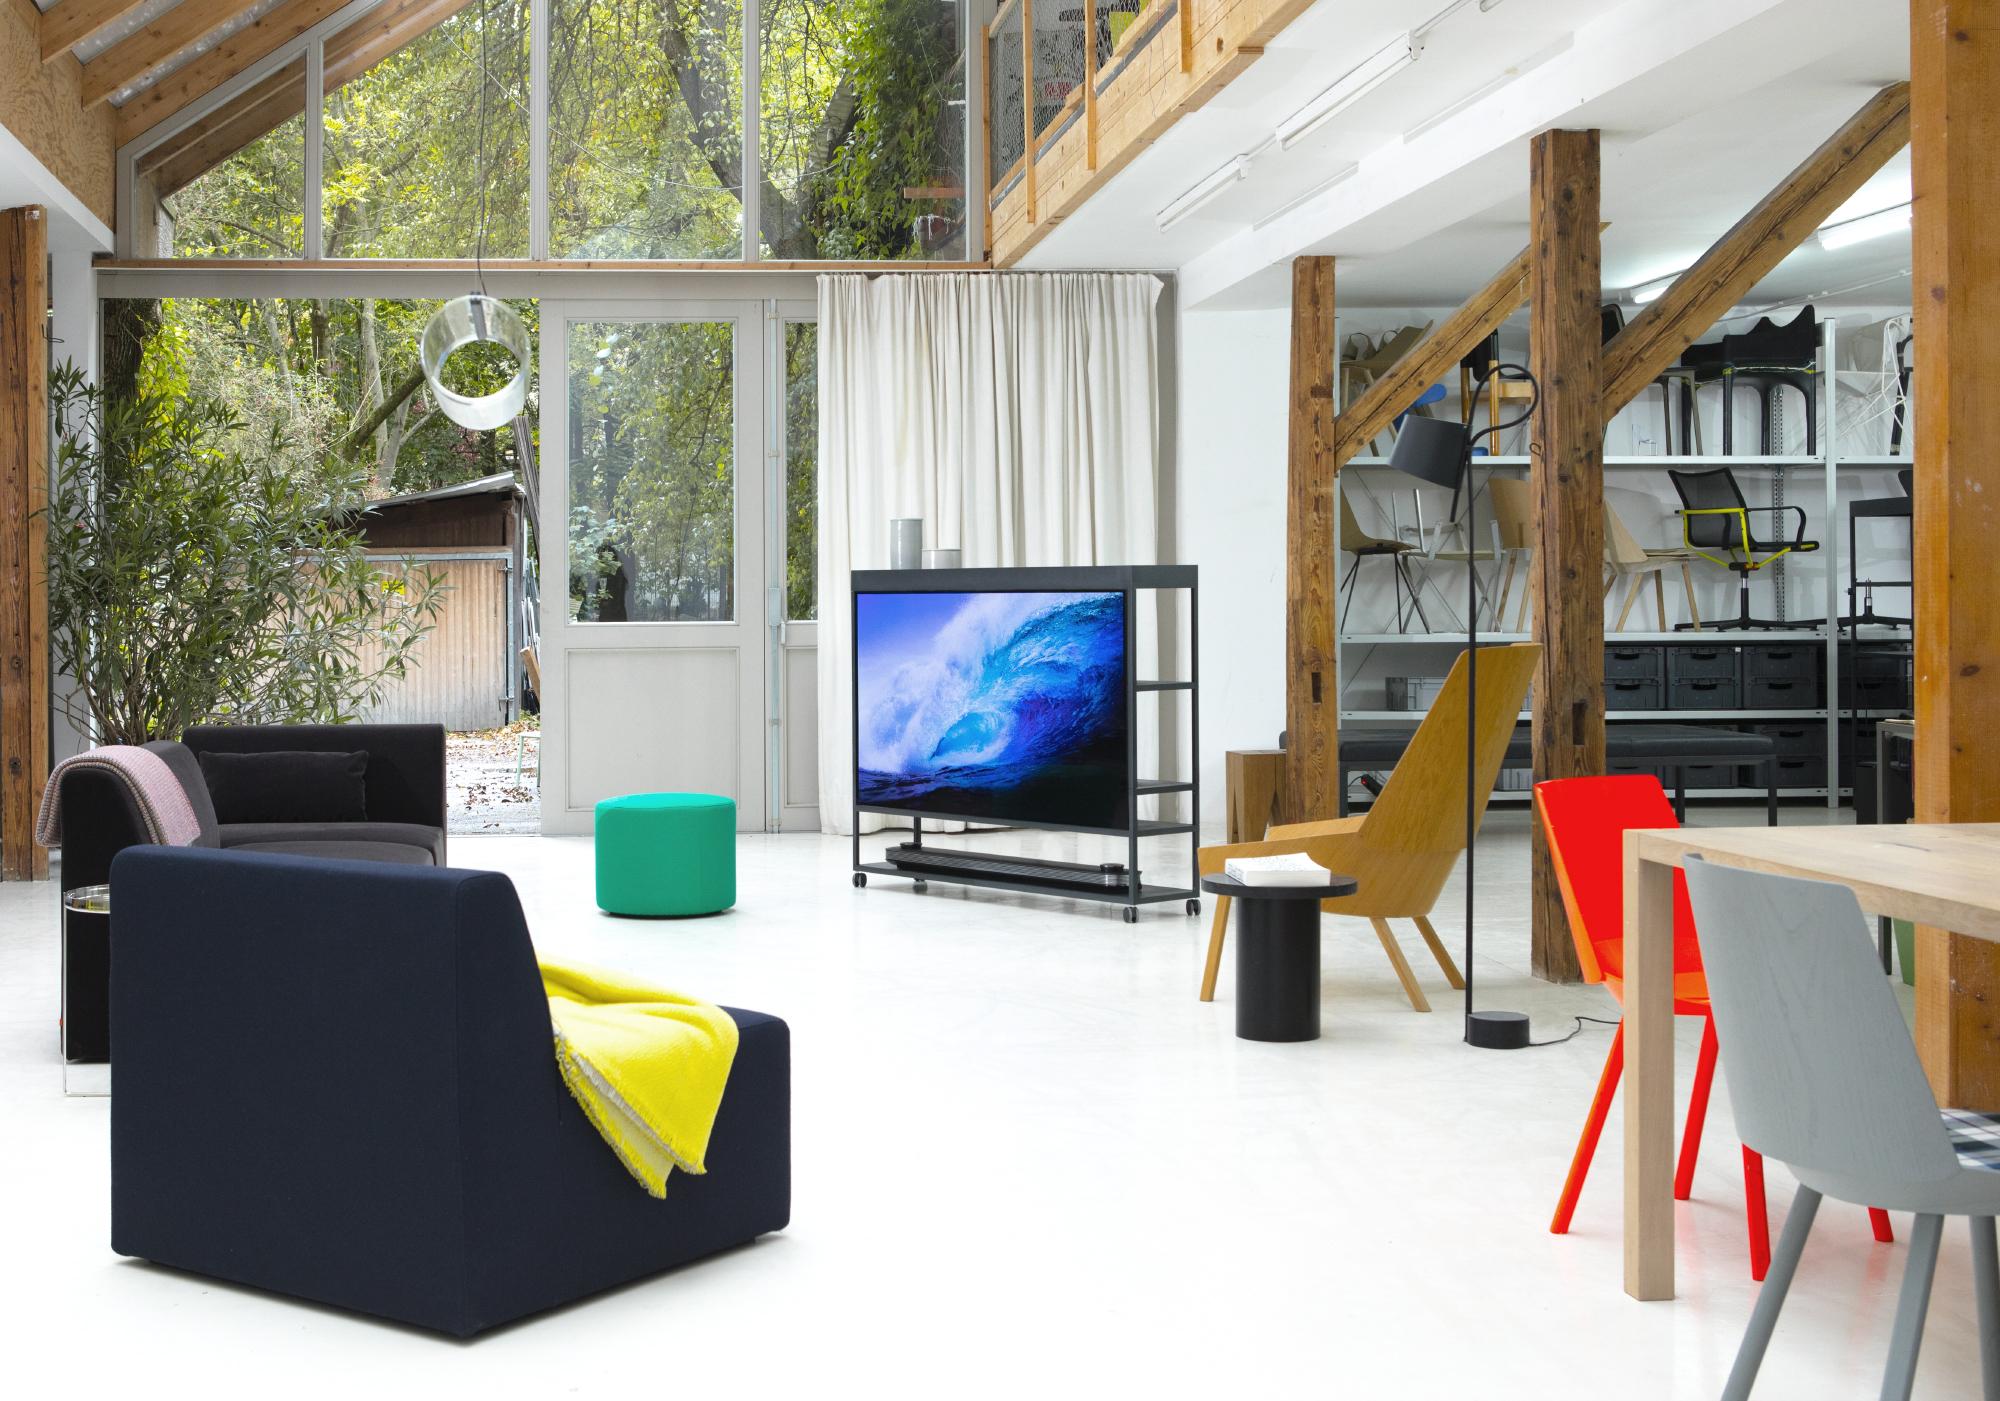 institutes interior designing courses in lucknow